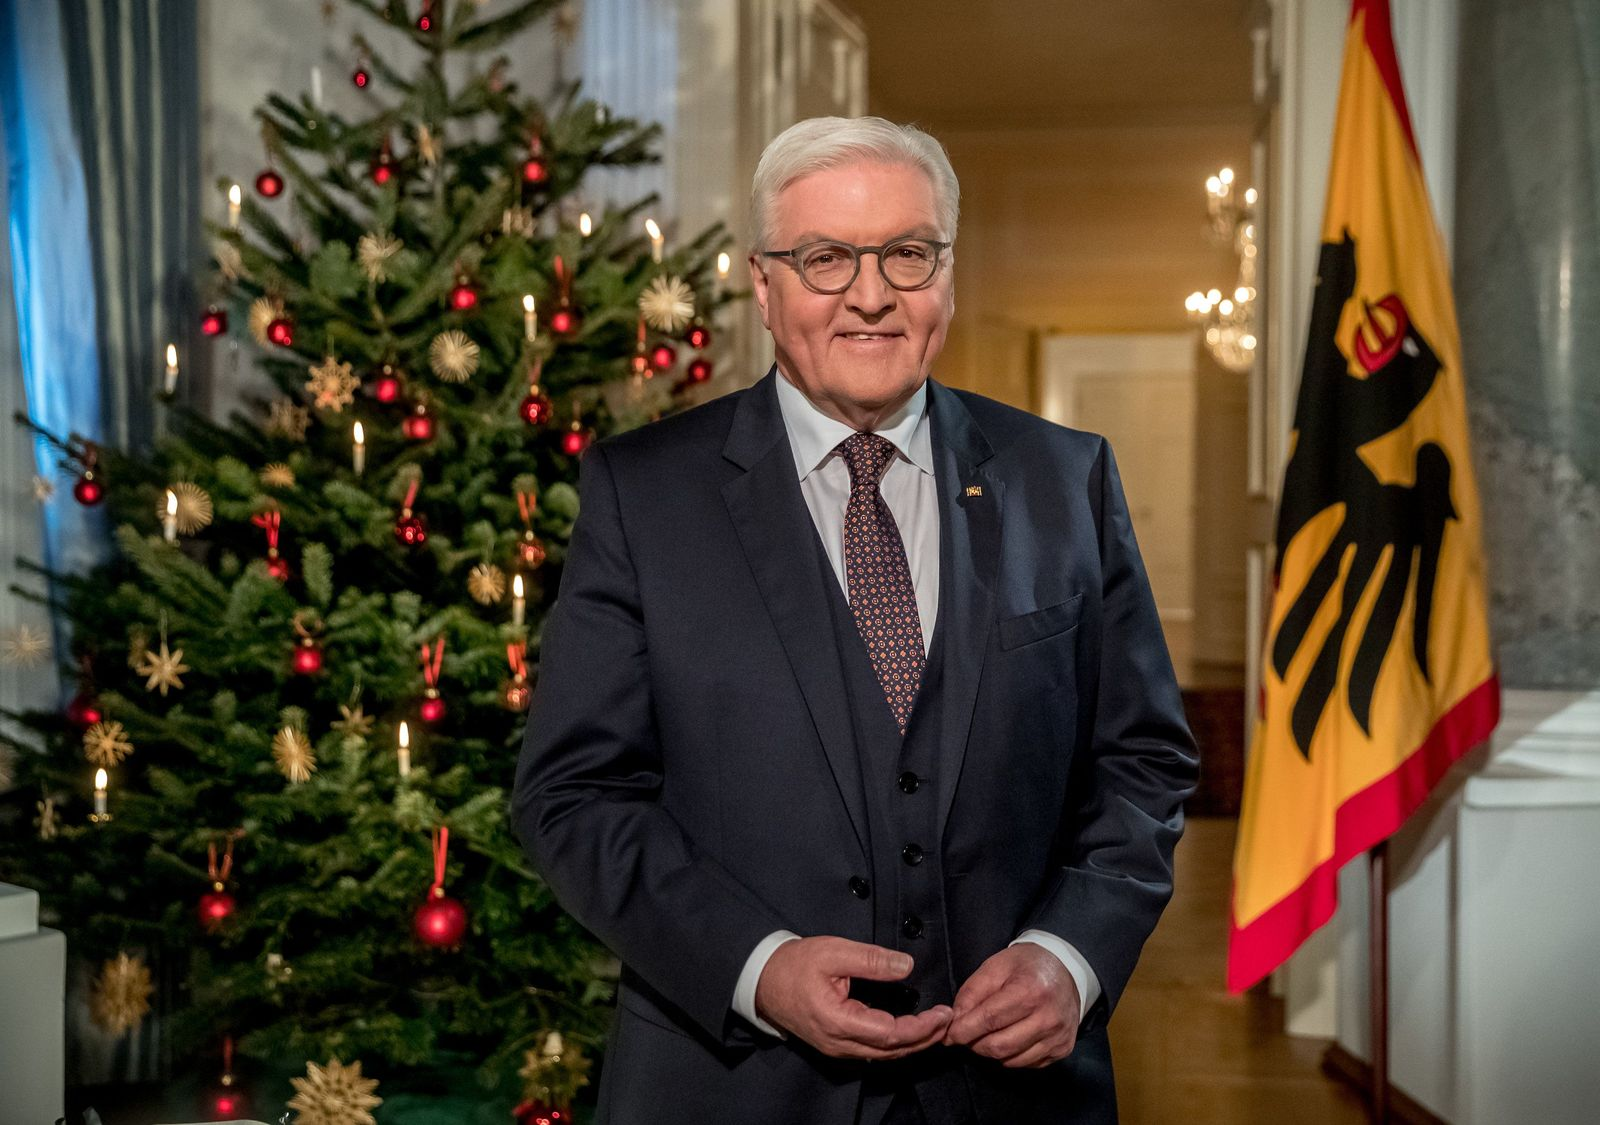 Weihnachtsansprache Bundespräsident/ Steinmeier